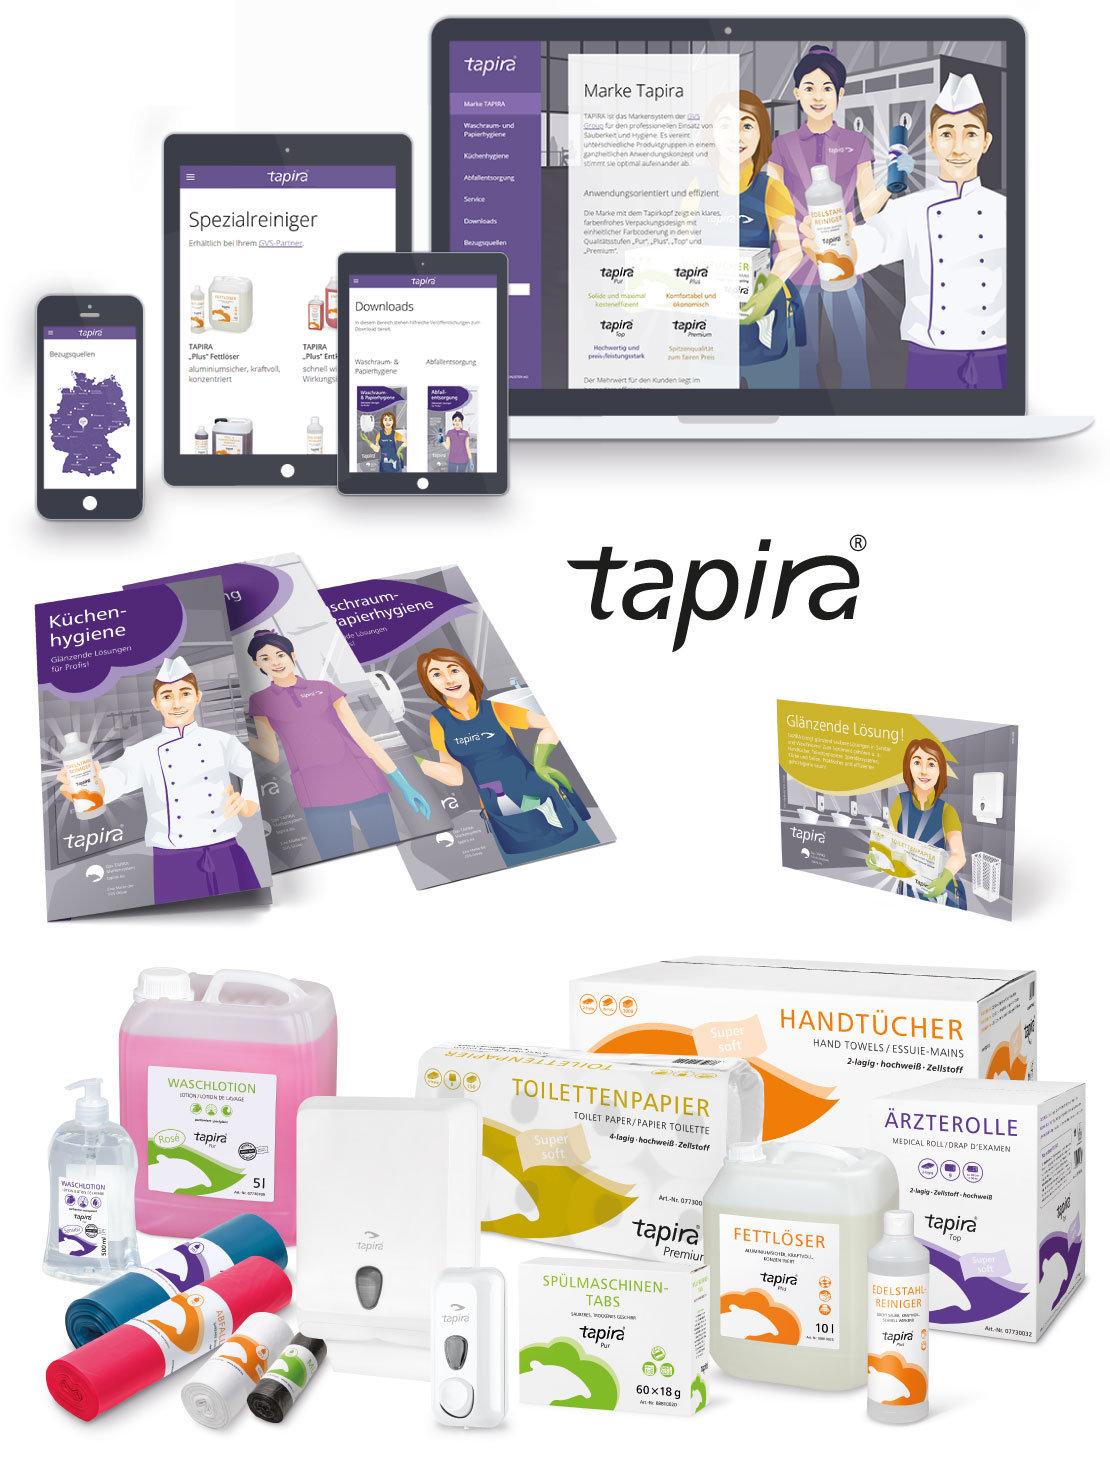 Tapira – Internetauftritt, Folder, Anzeige, Verpackungsdesign